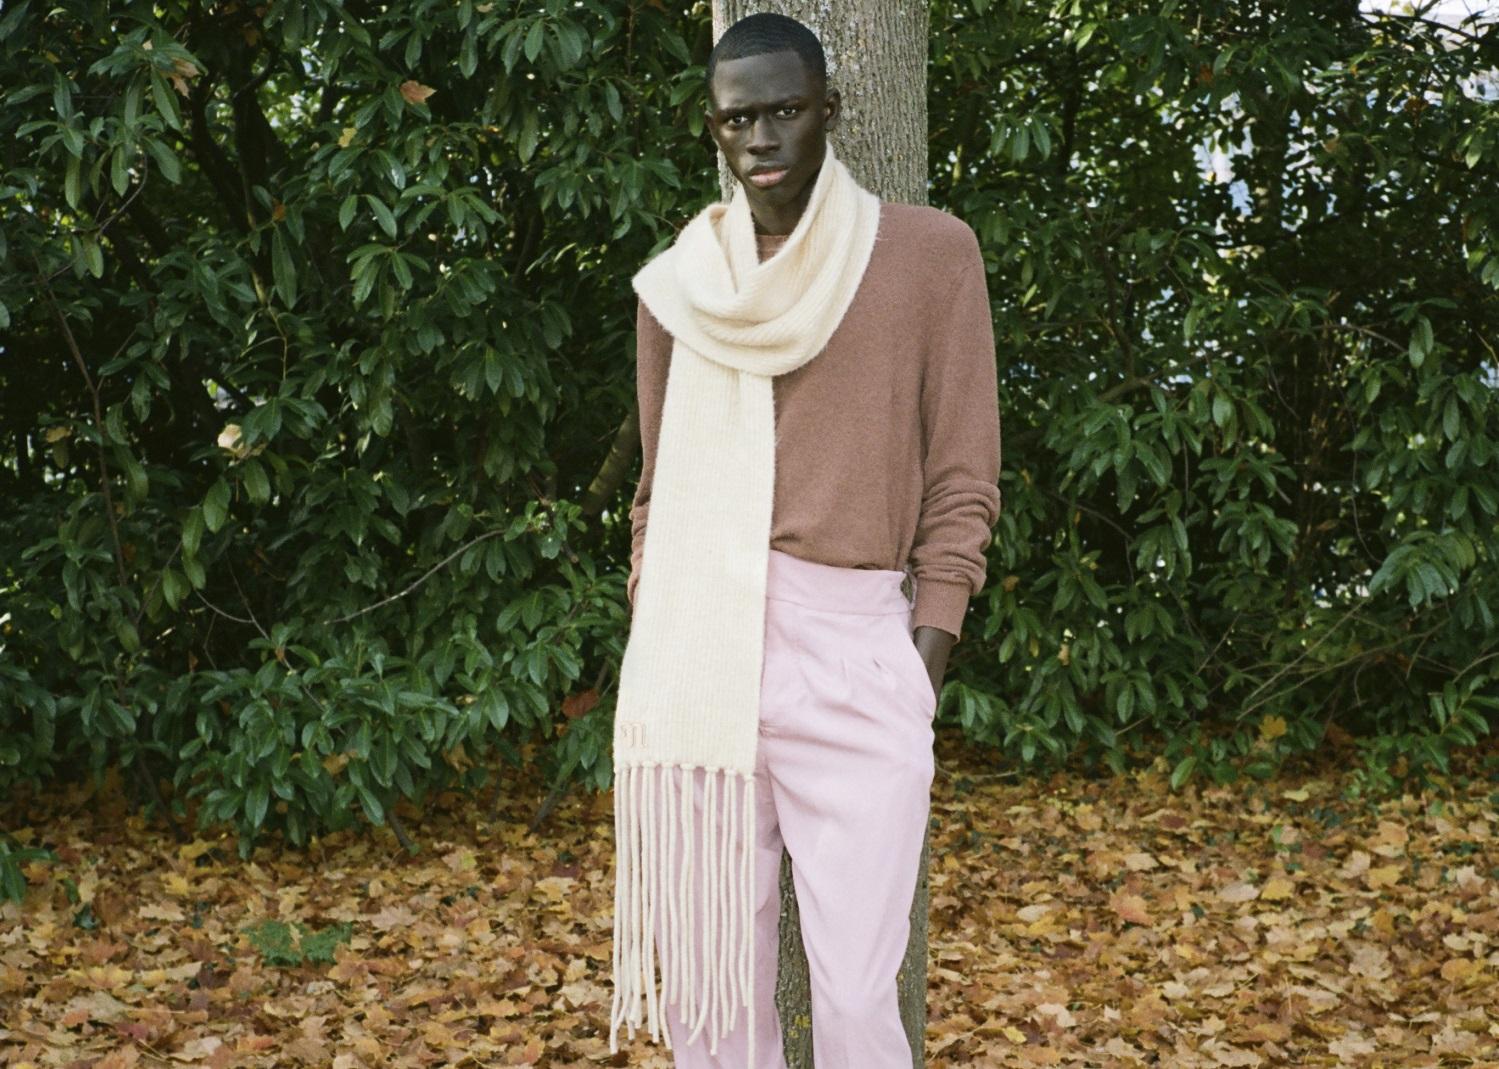 Männliches Model trägt weissen Oversized Nanushka Schal